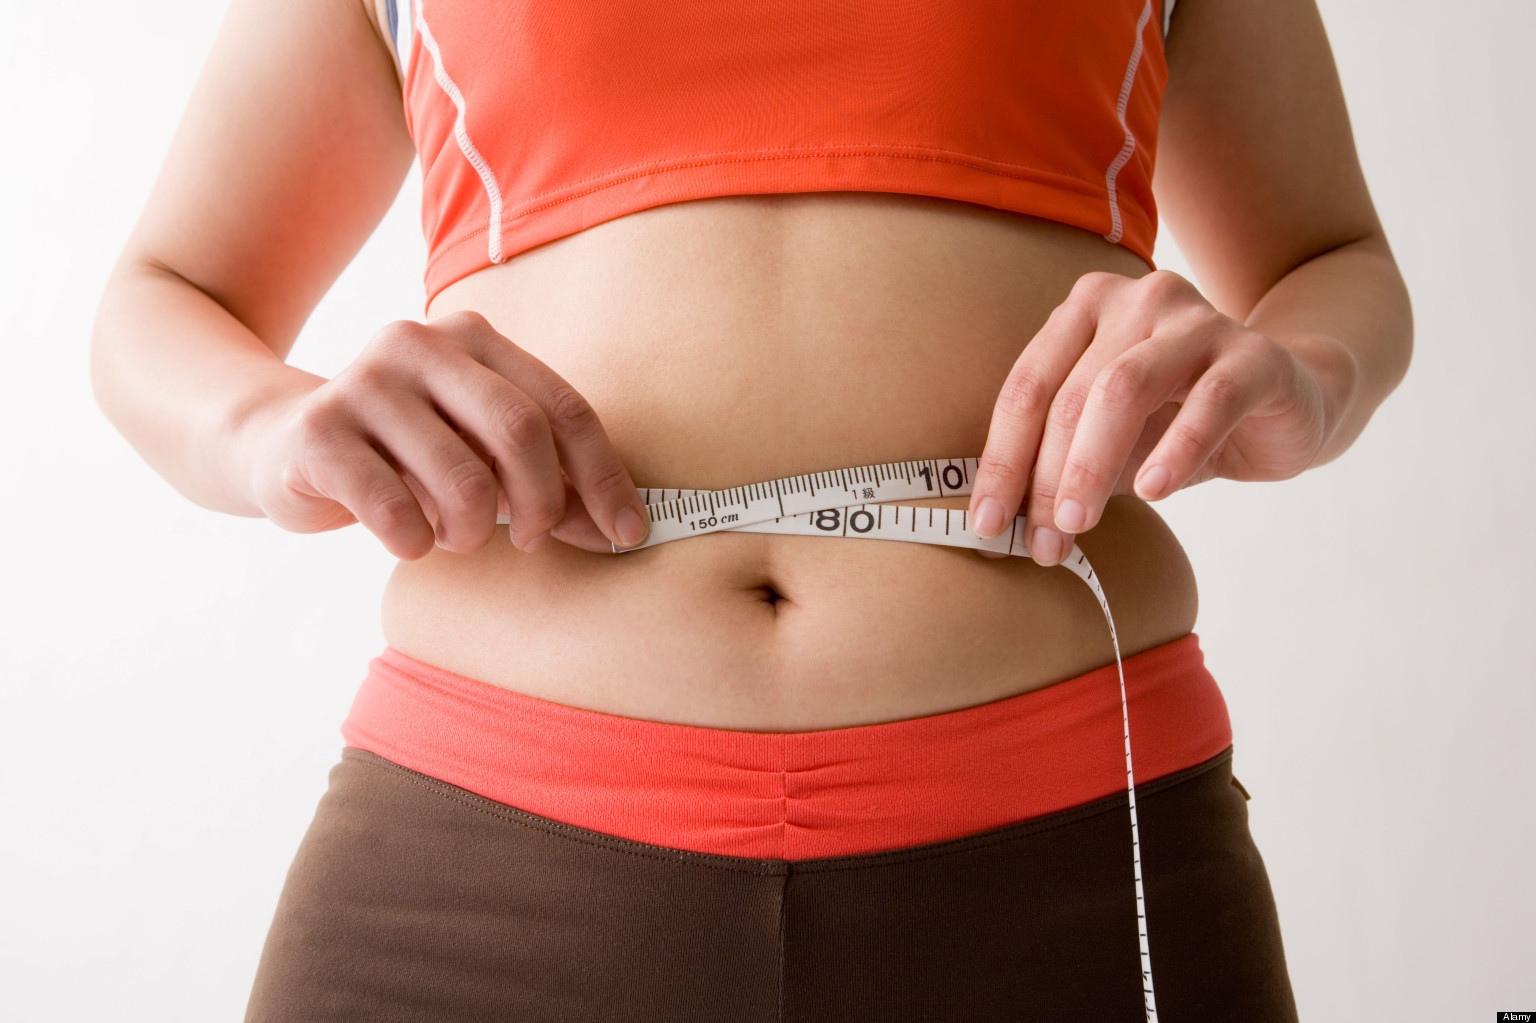 Упражнение Tamayo для плоского живота: тренируем прямую мышцу живота